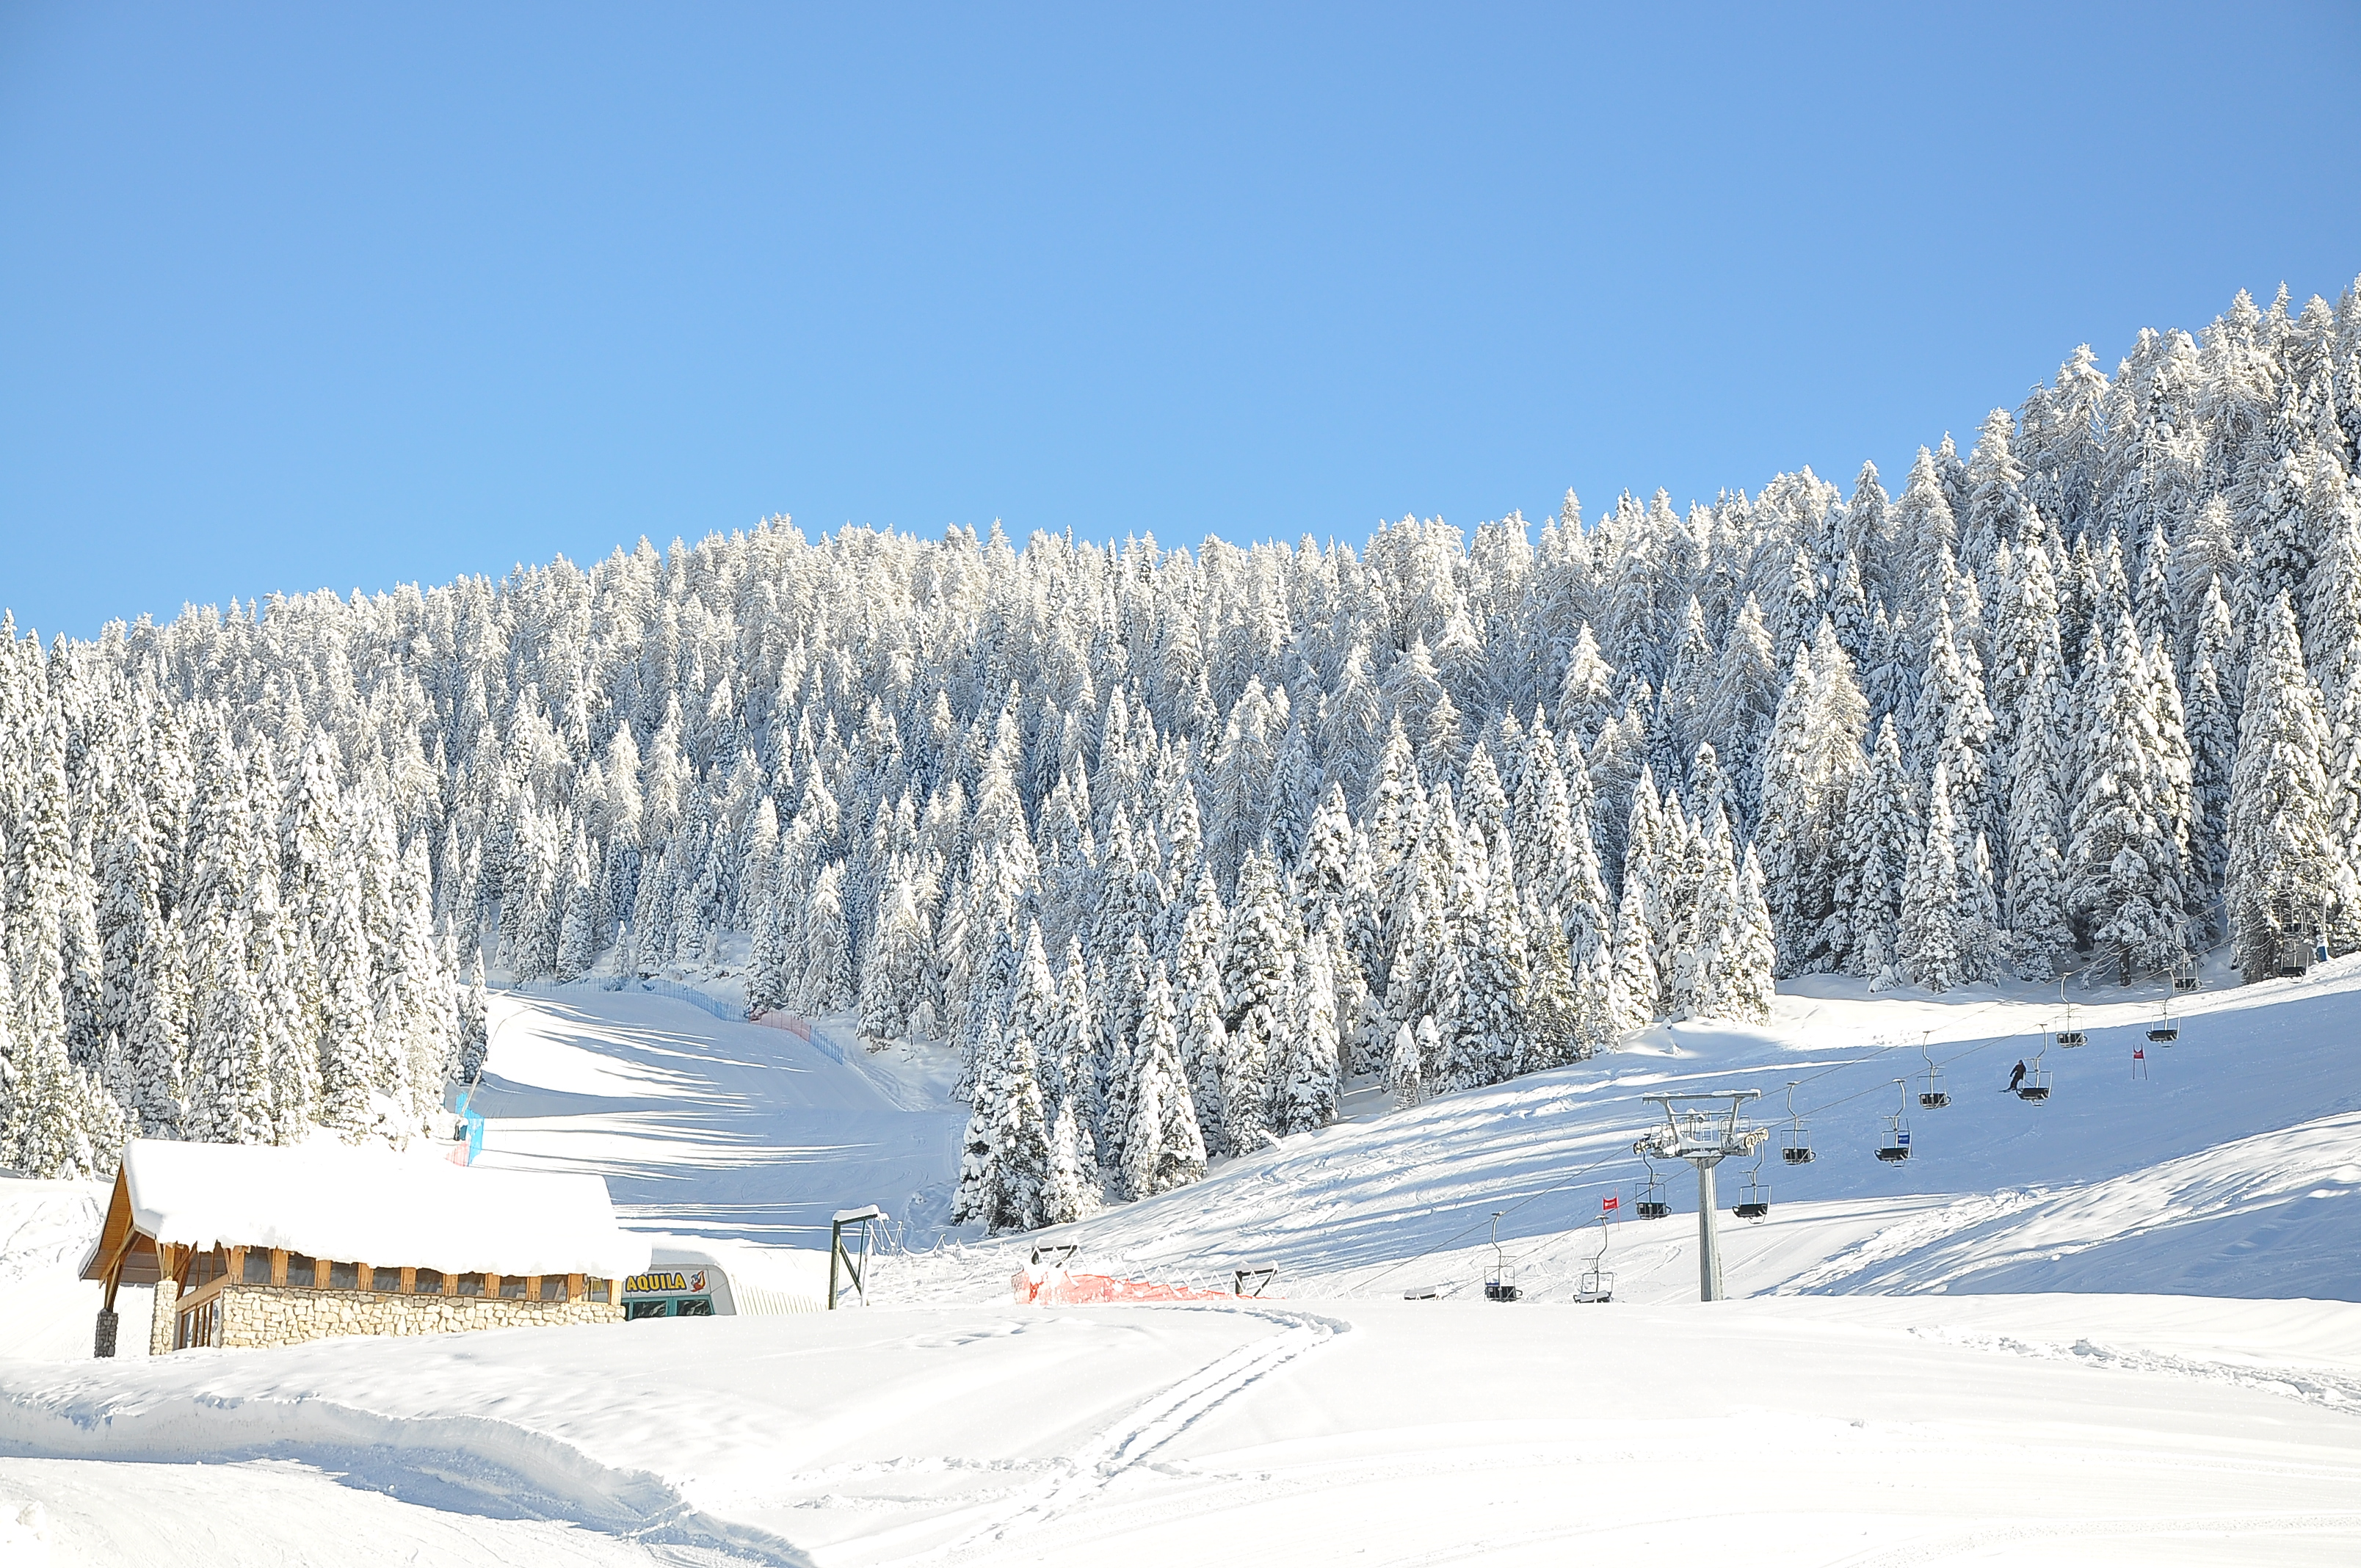 Sciare sulle piste del verena 2000 ad asiago for Albergo paradiso asiago